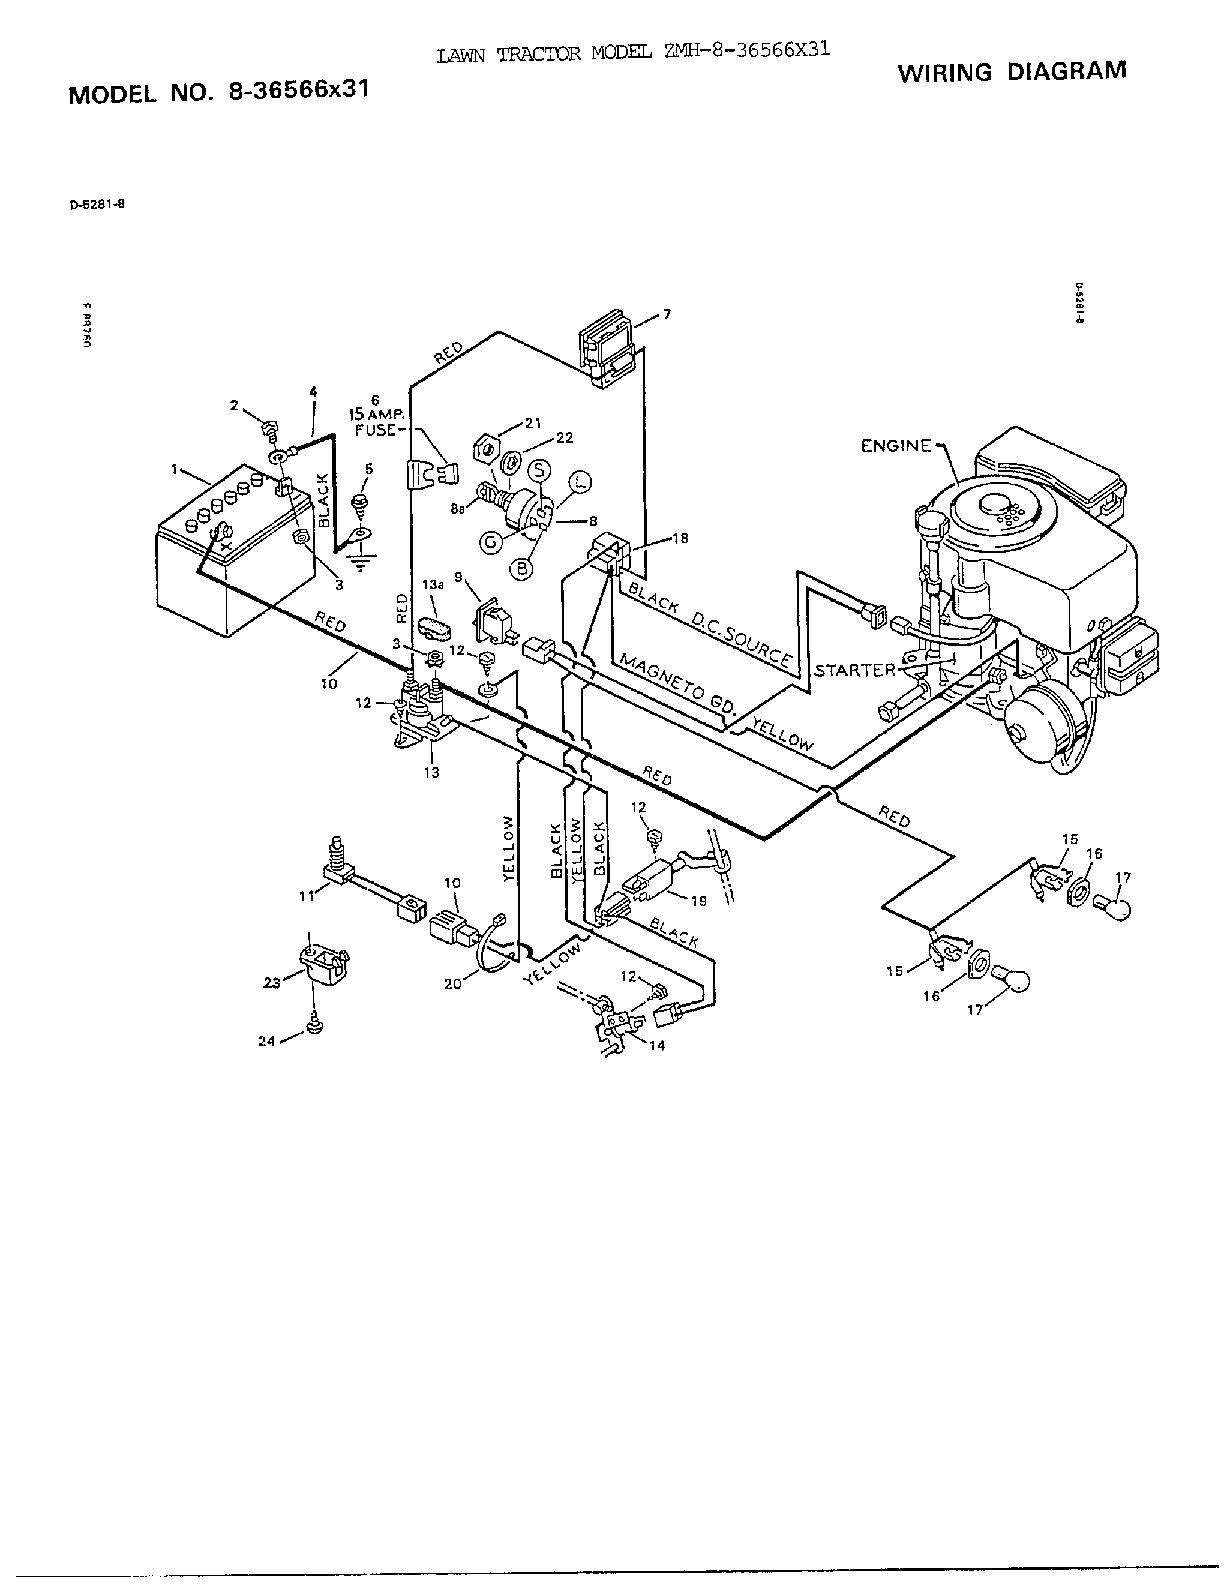 led wiring diagram moreover honda riding lawn mower wiring diagram